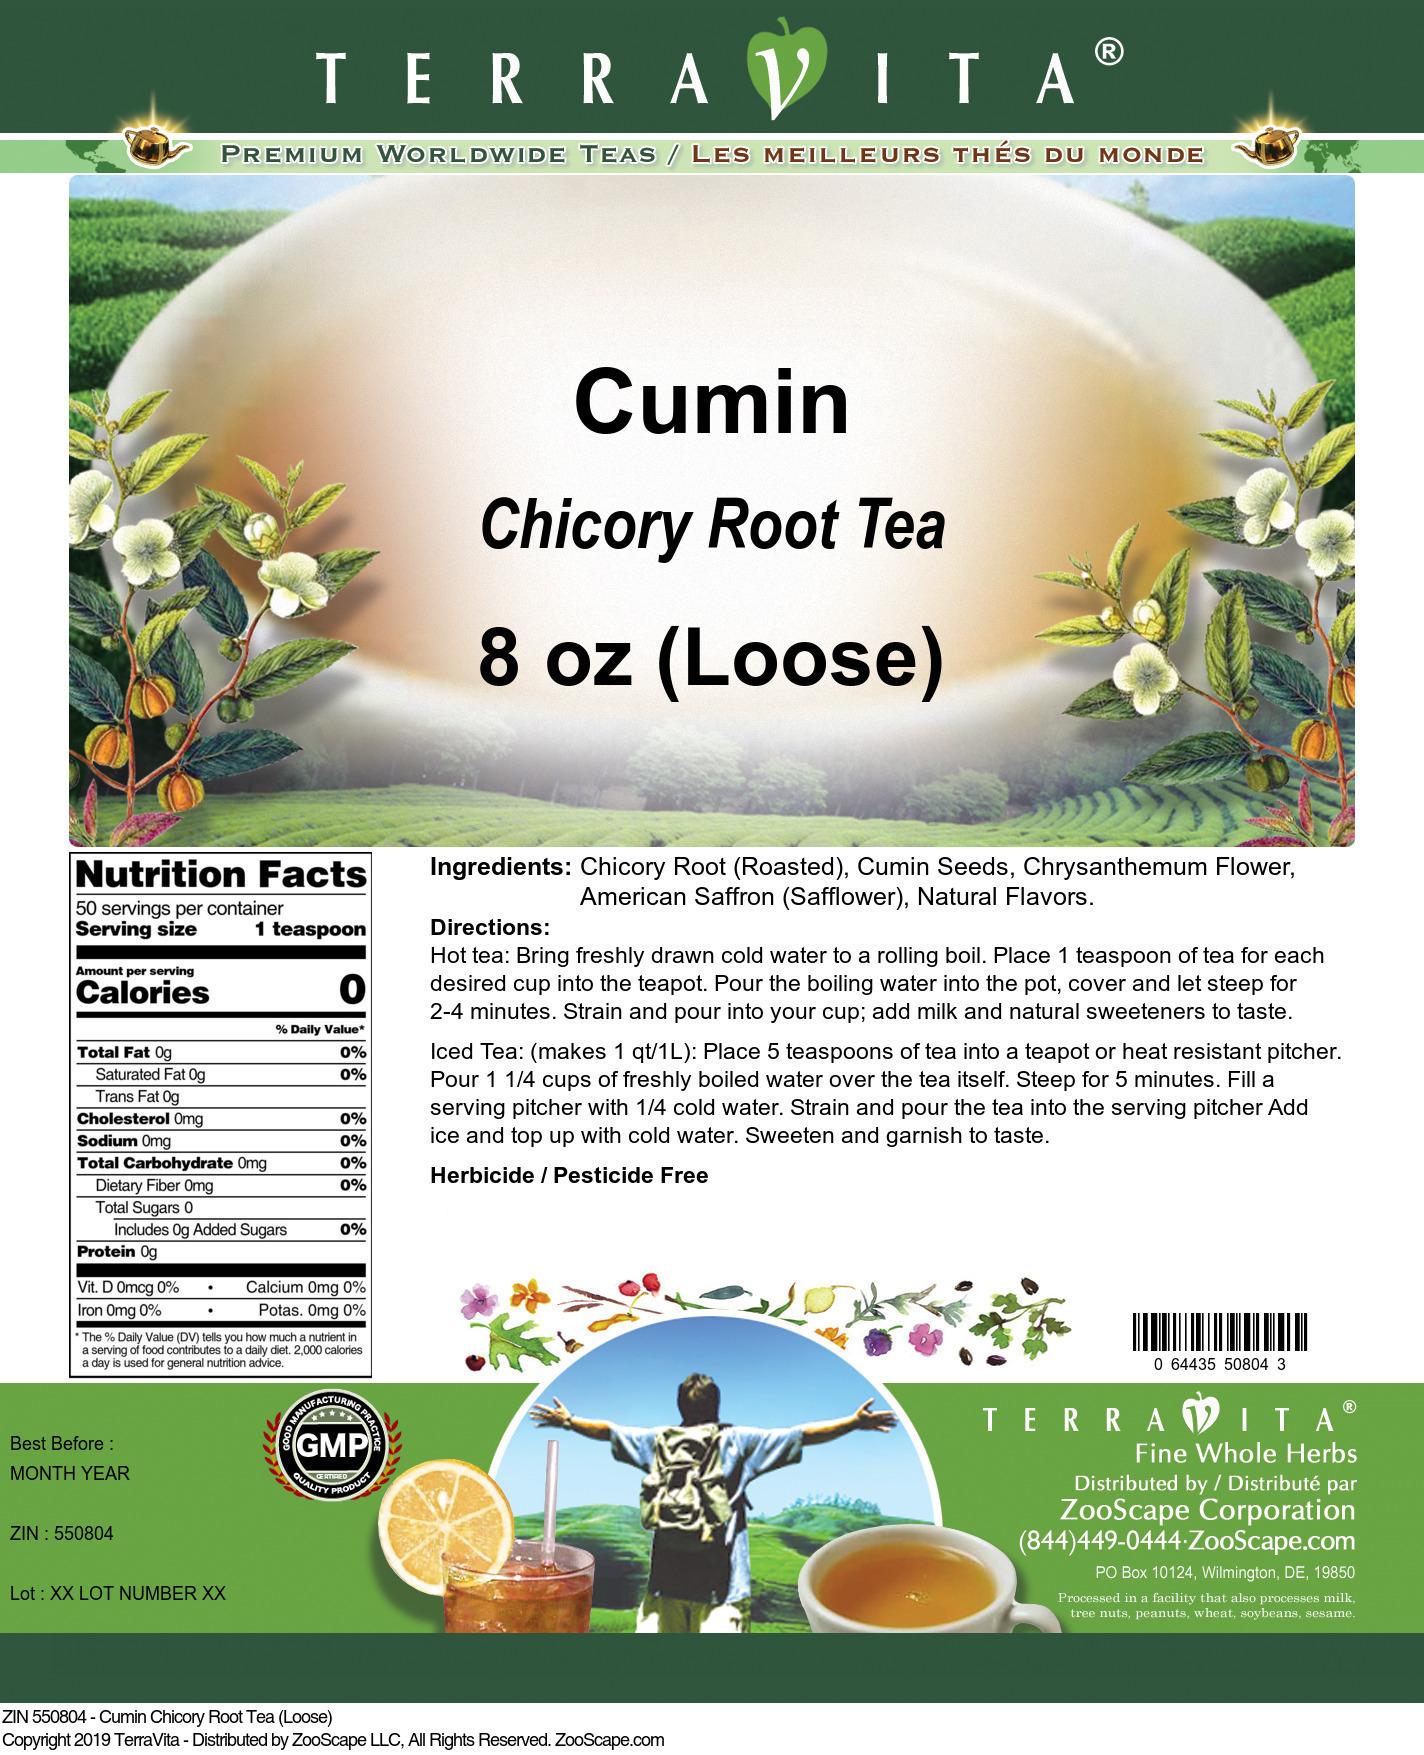 Cumin Chicory Root